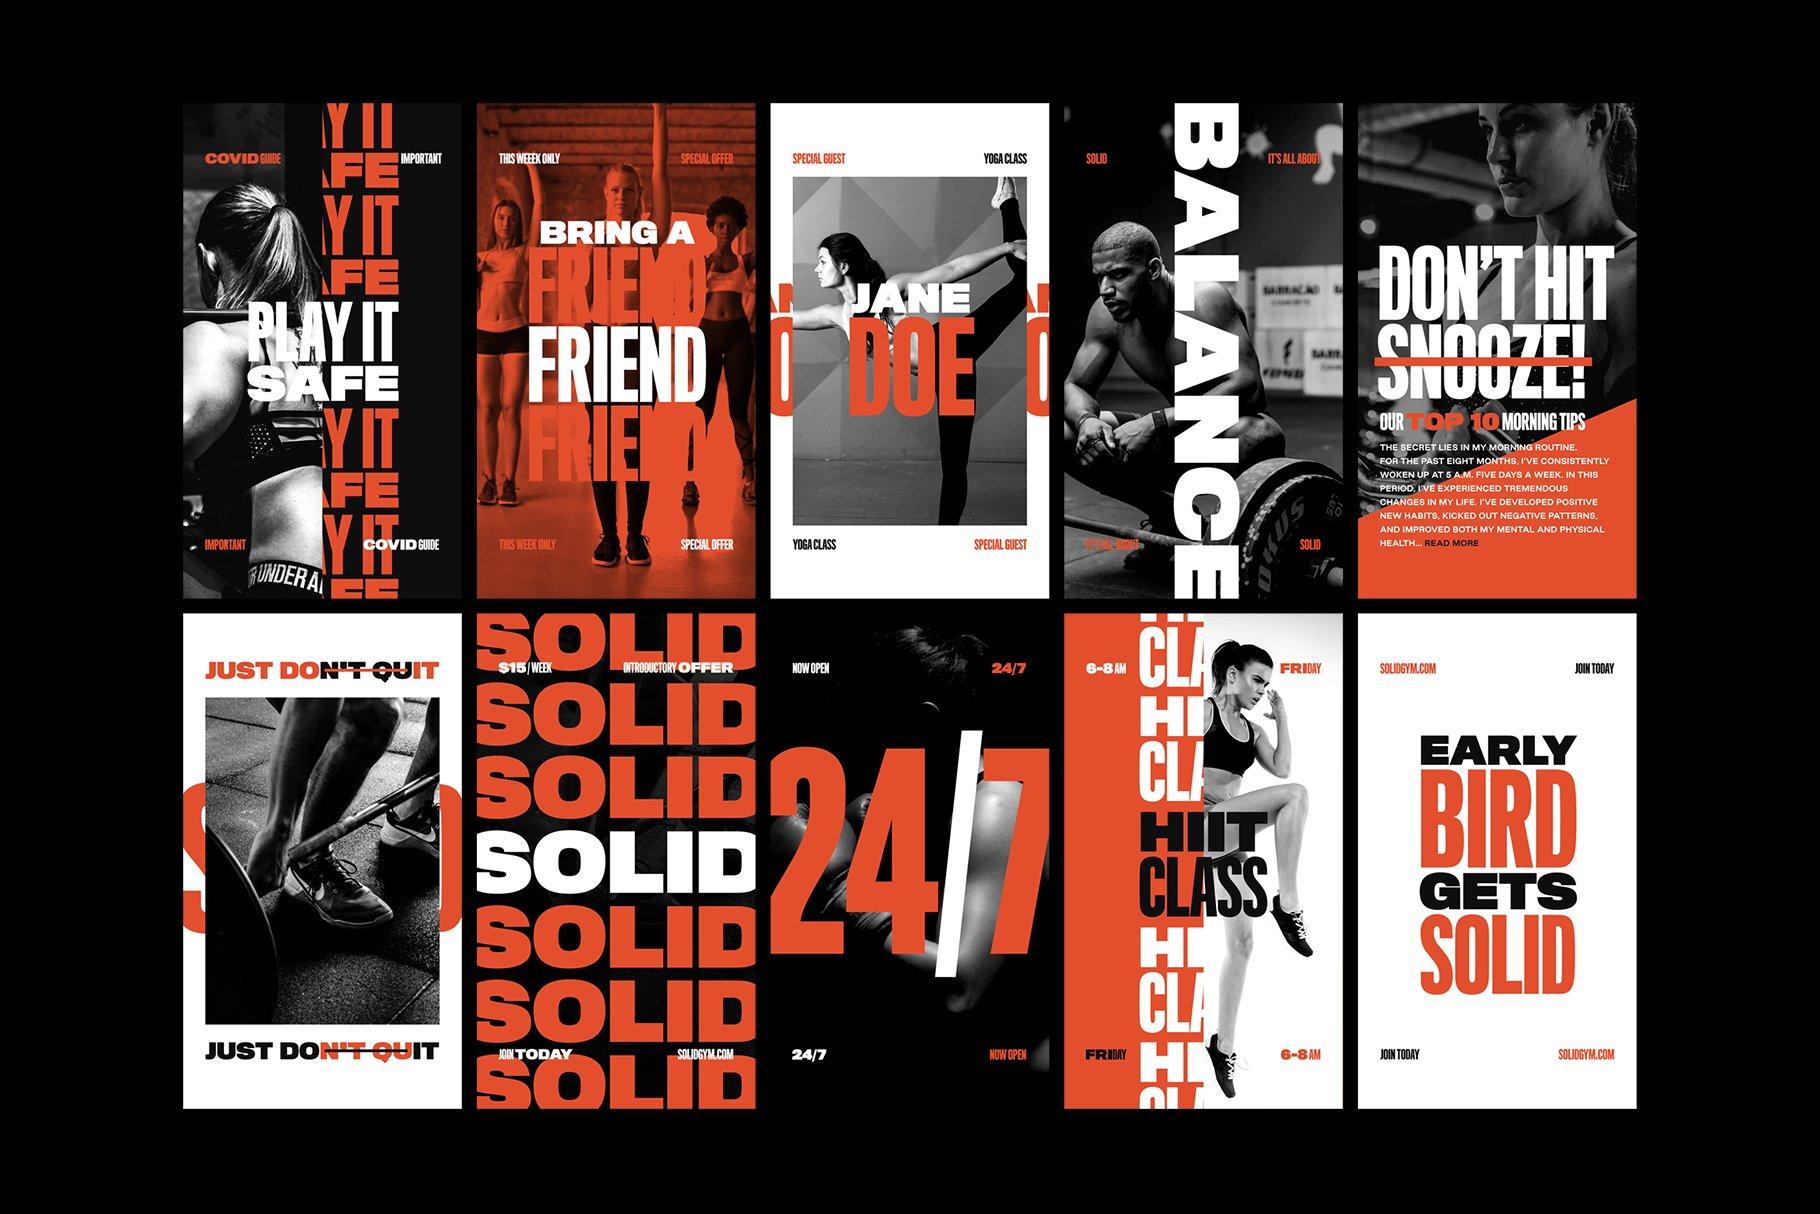 [单独购买] 现代时尚运动健身新媒体电商海报广告设计PS模板素材 Solid – Bold Instagram Stories插图2